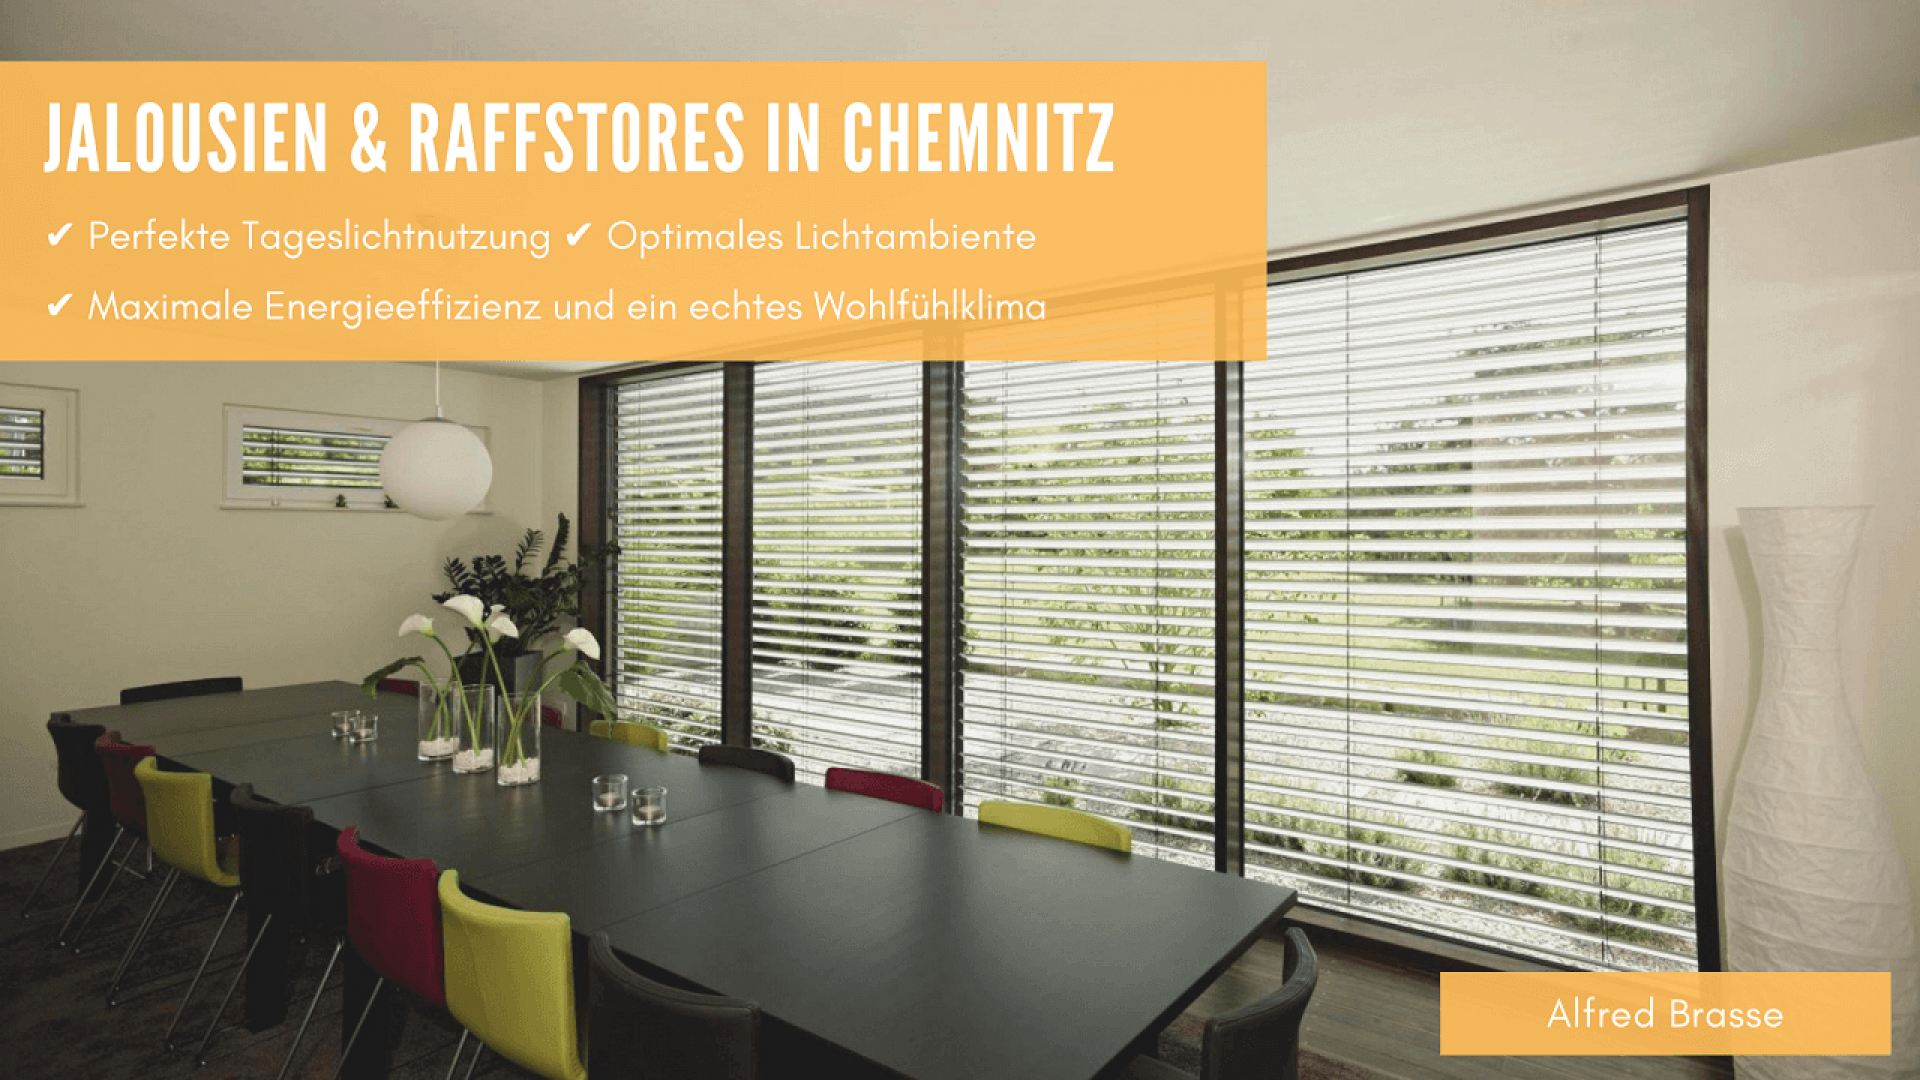 Jalousien und Raffstores (Außenjalousien) in Chemnitz